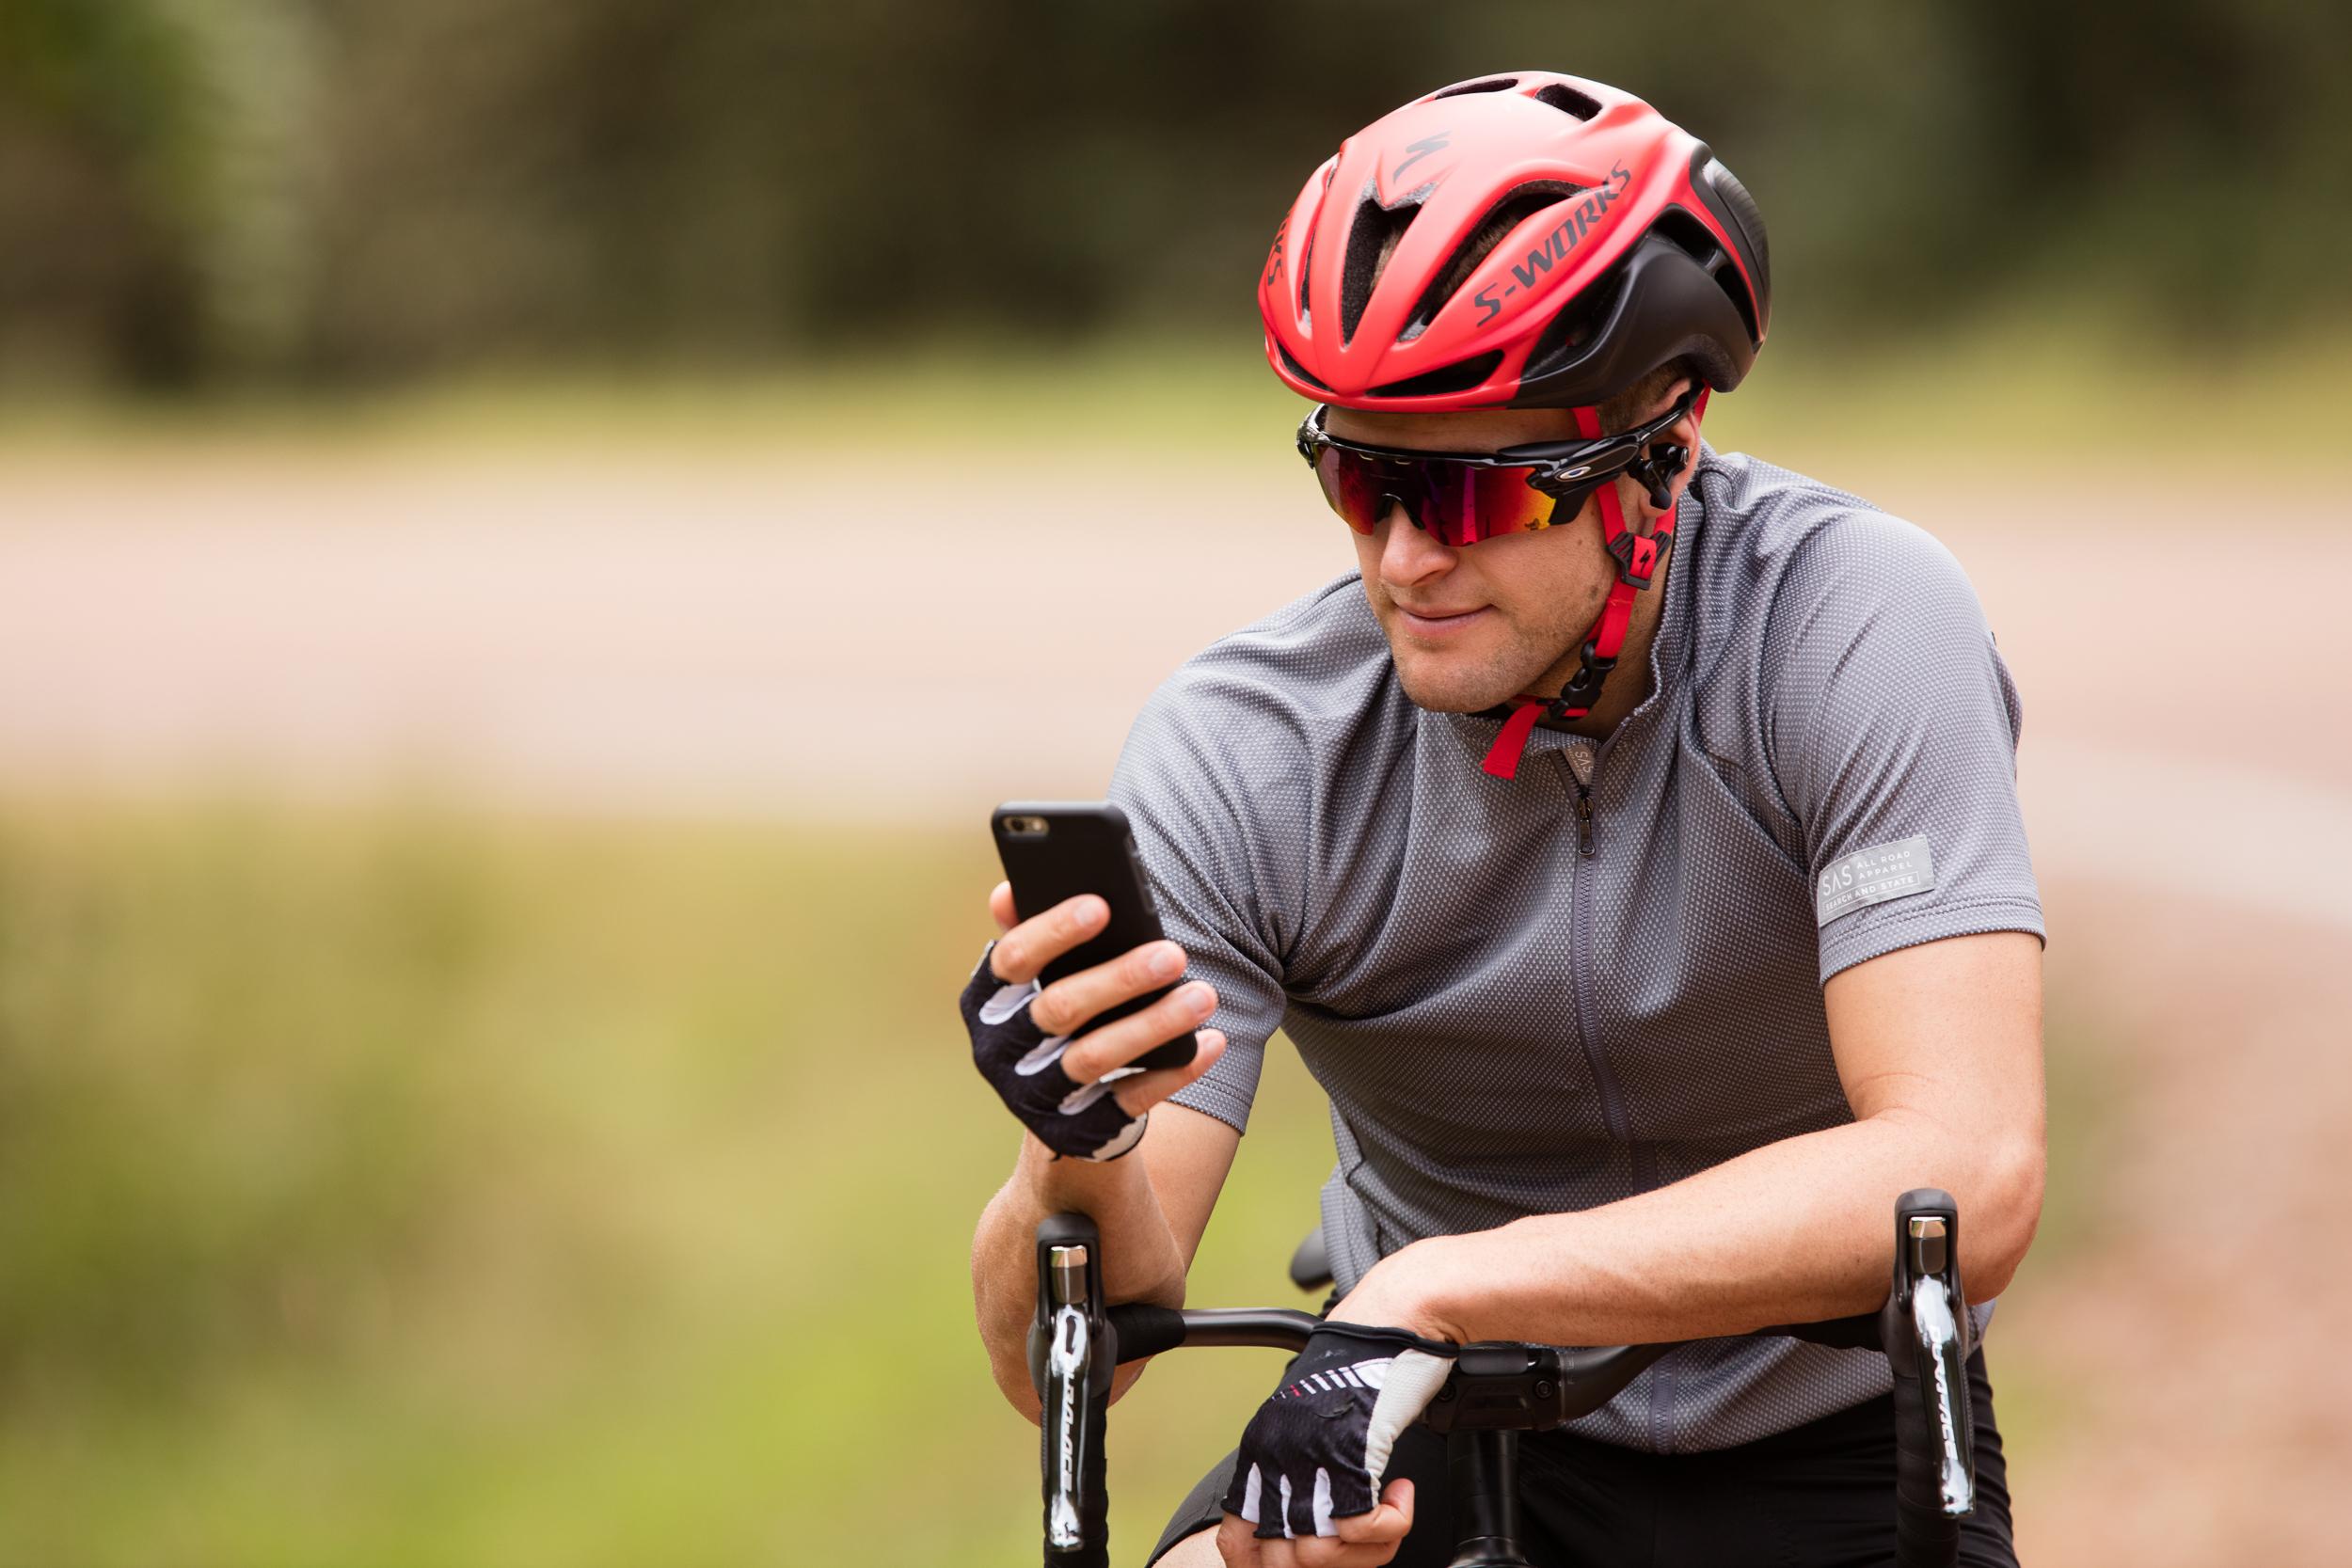 oakley bici corsa